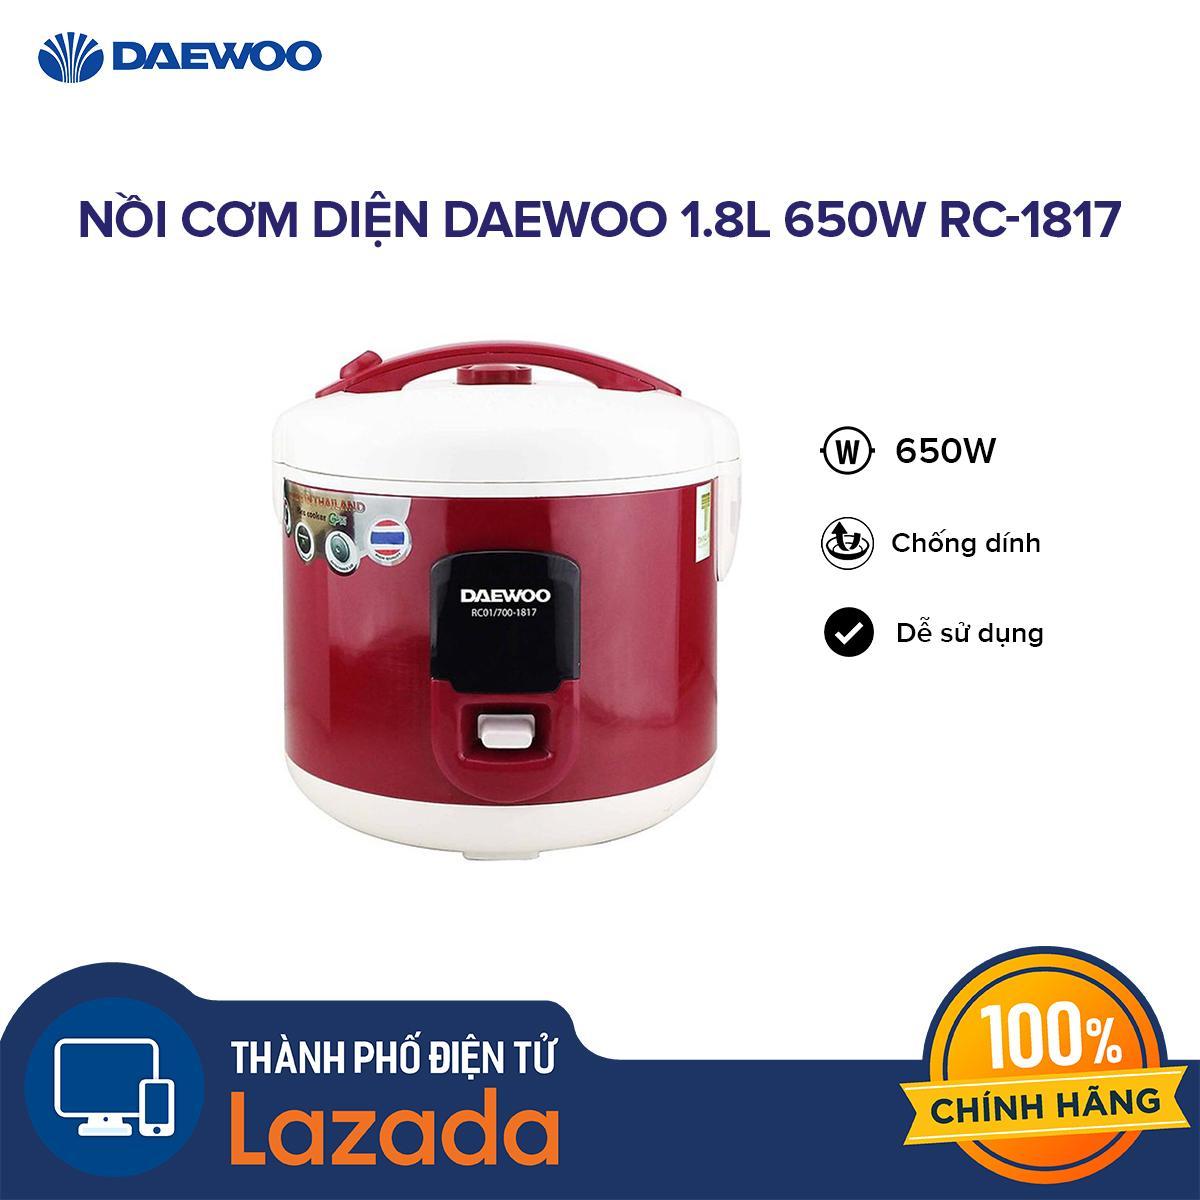 Giá Nồi cơm diện Daewoo 1.8L 650W RC-1817